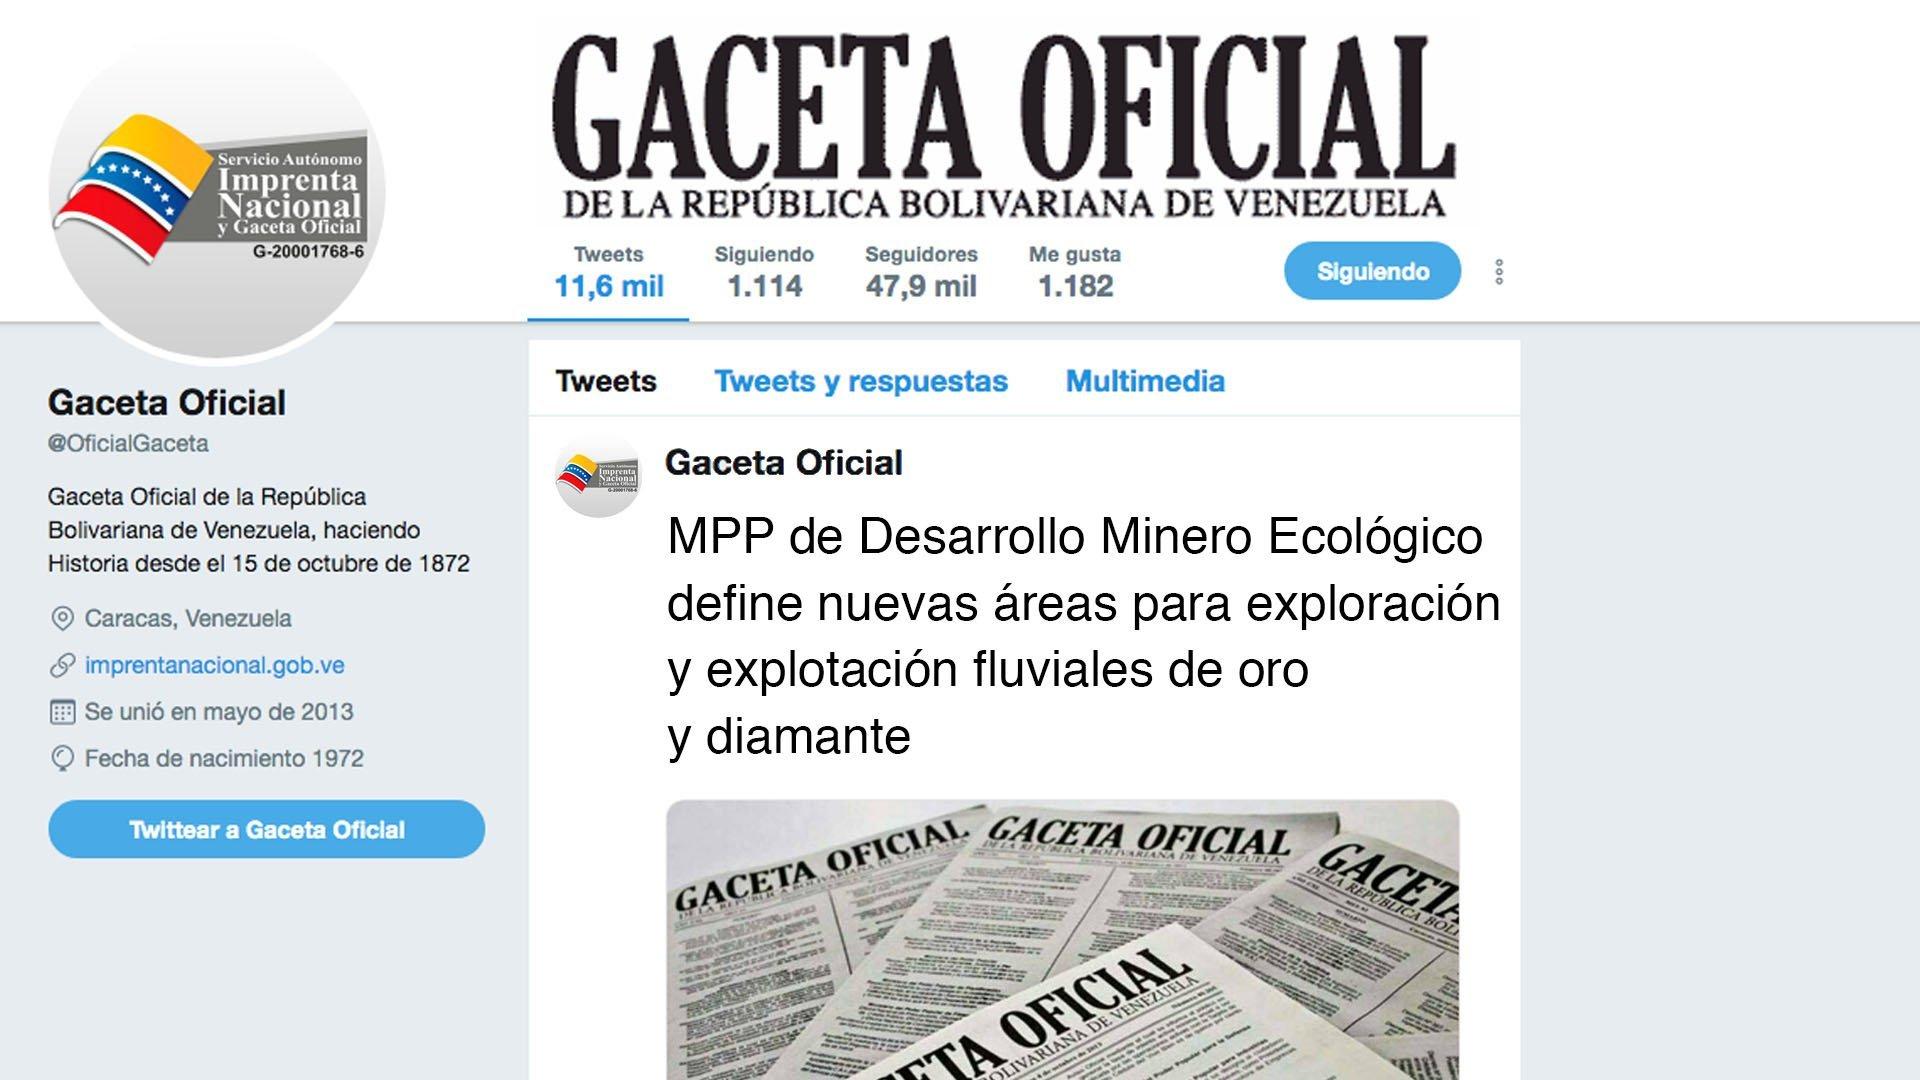 MPP de Desarrollo Minero Ecológico define  nuevas áreas para la exploración y explotación fluviales de oro y diamante